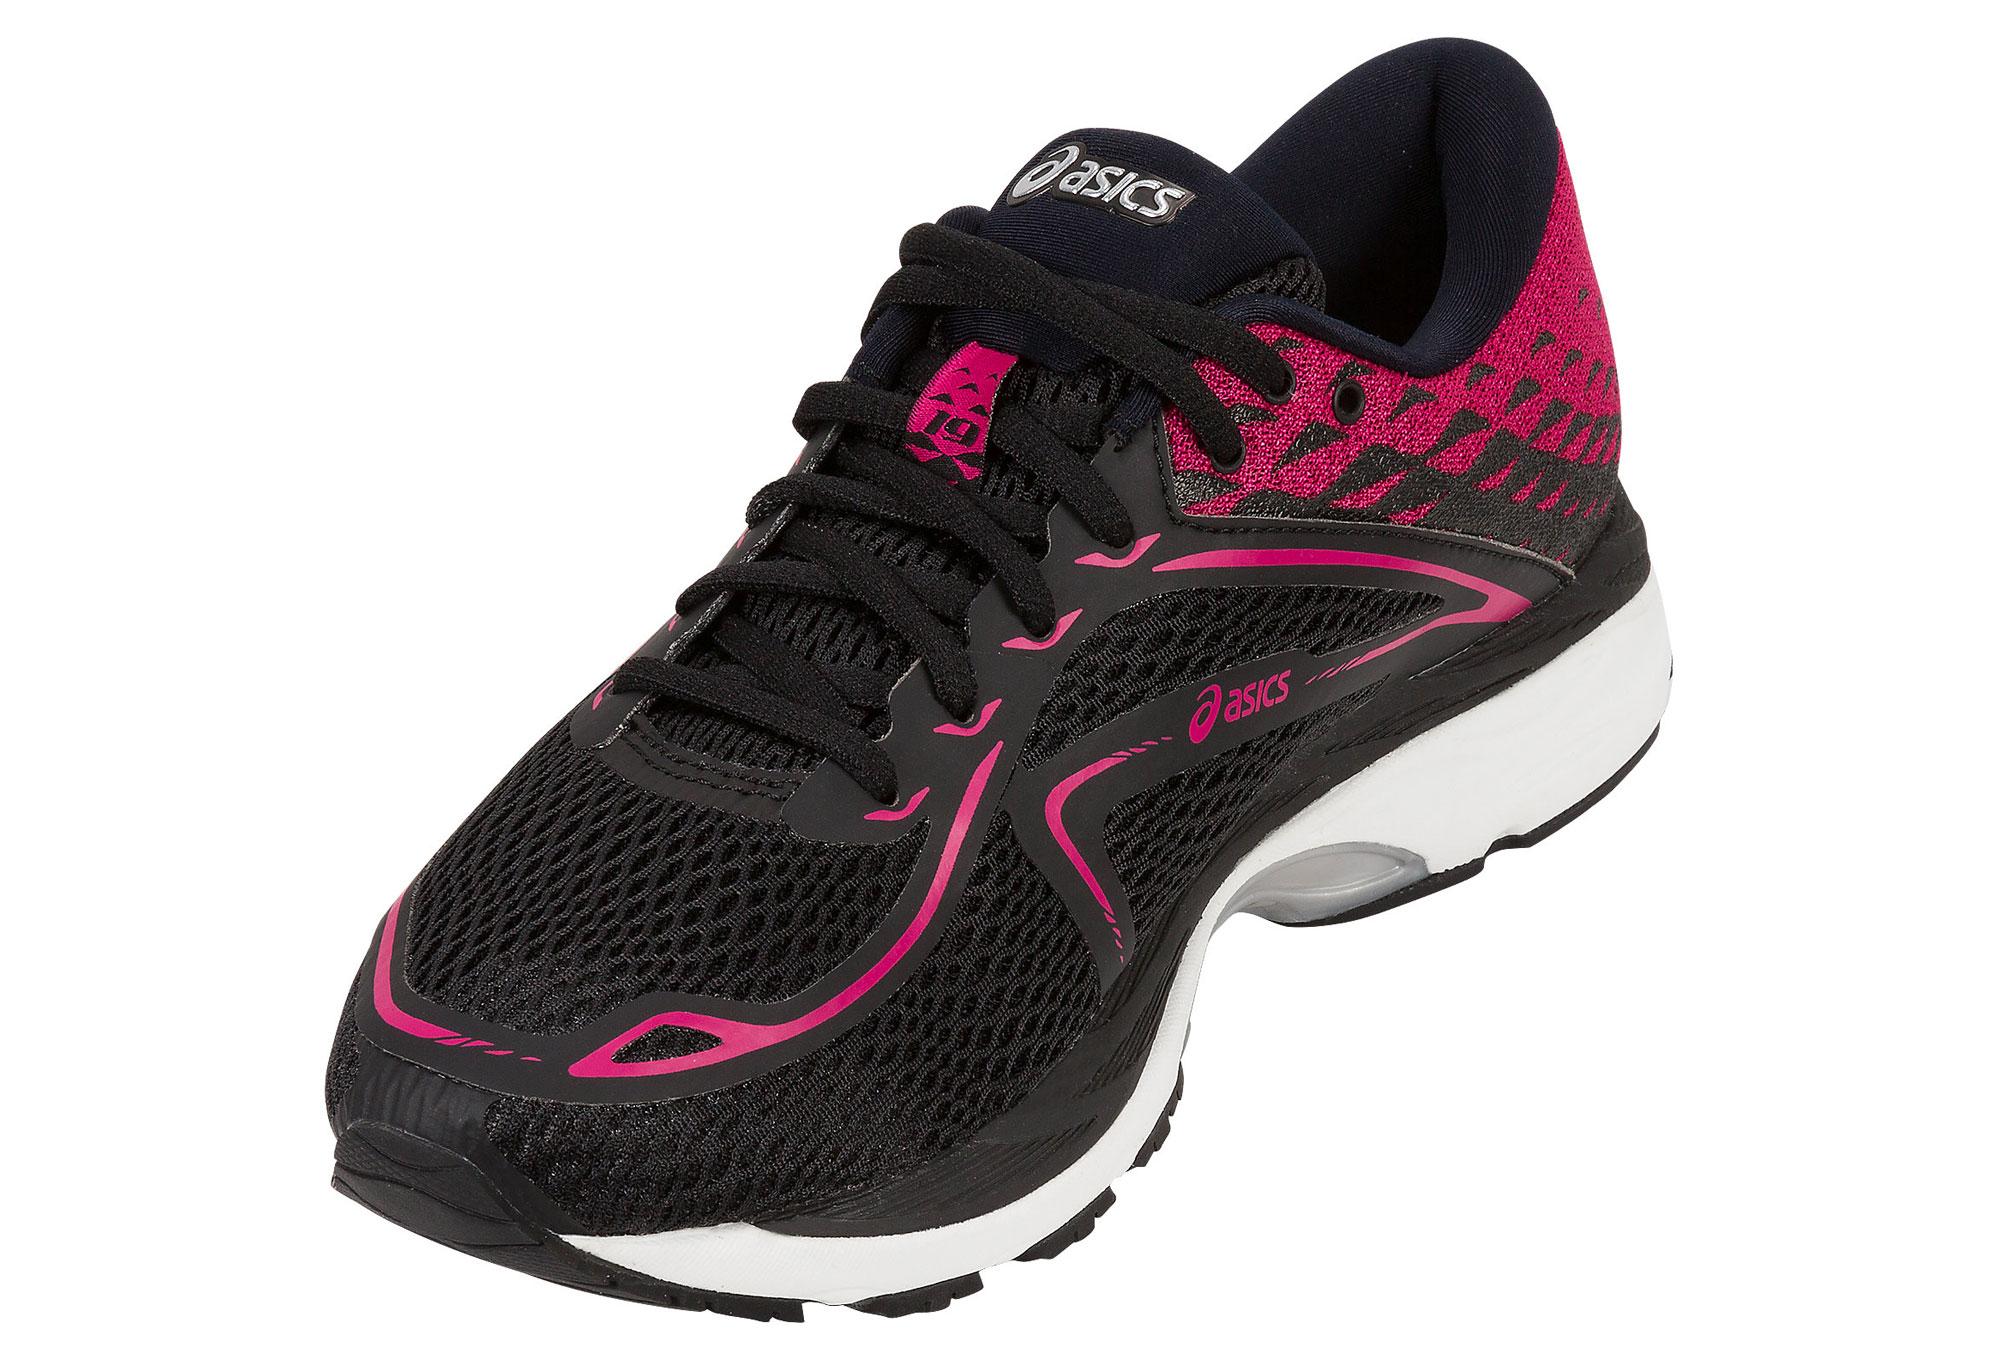 f98ce2269d6 Chaussures de Running Femme Asics Gel-Cumulus 19 Noir